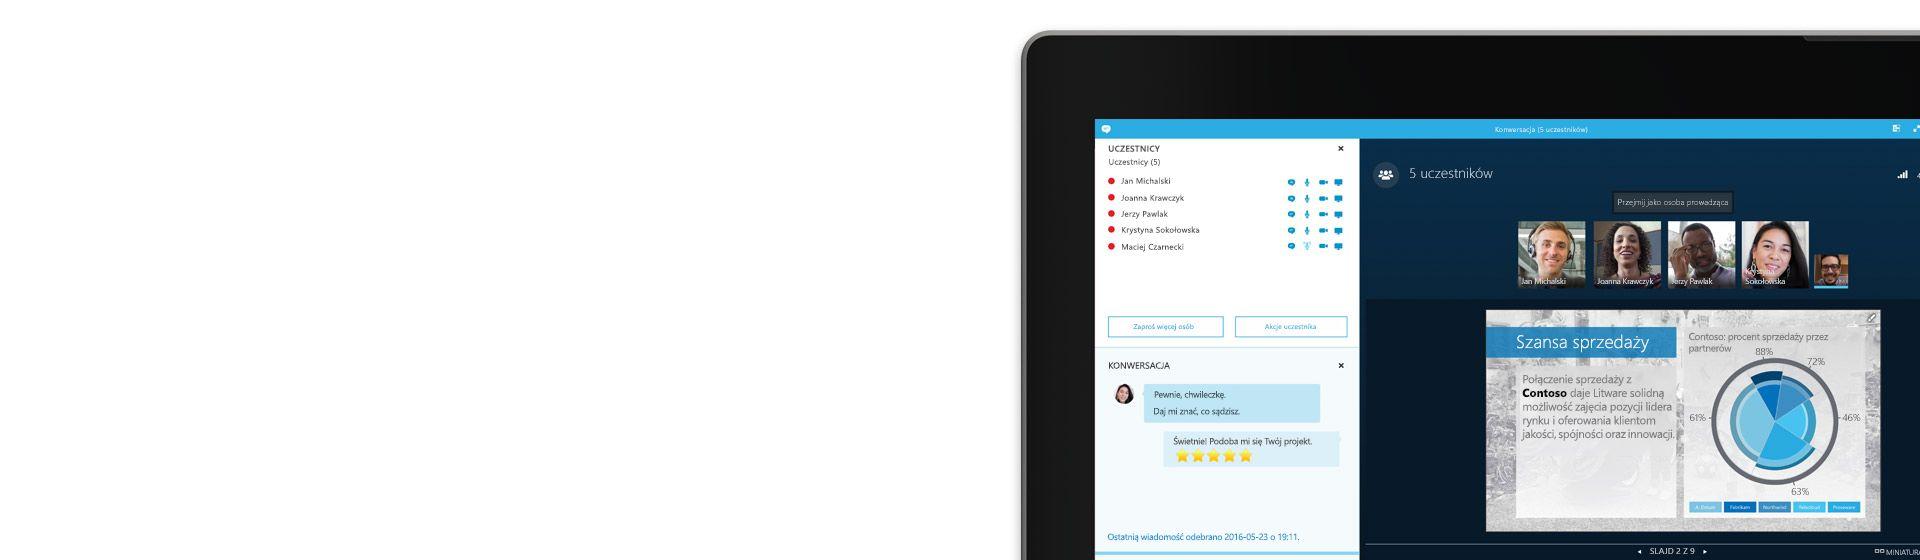 Róg ekranu laptopa z wyświetlonym spotkaniem w programie Skype dla firm i widoczną listą uczestników